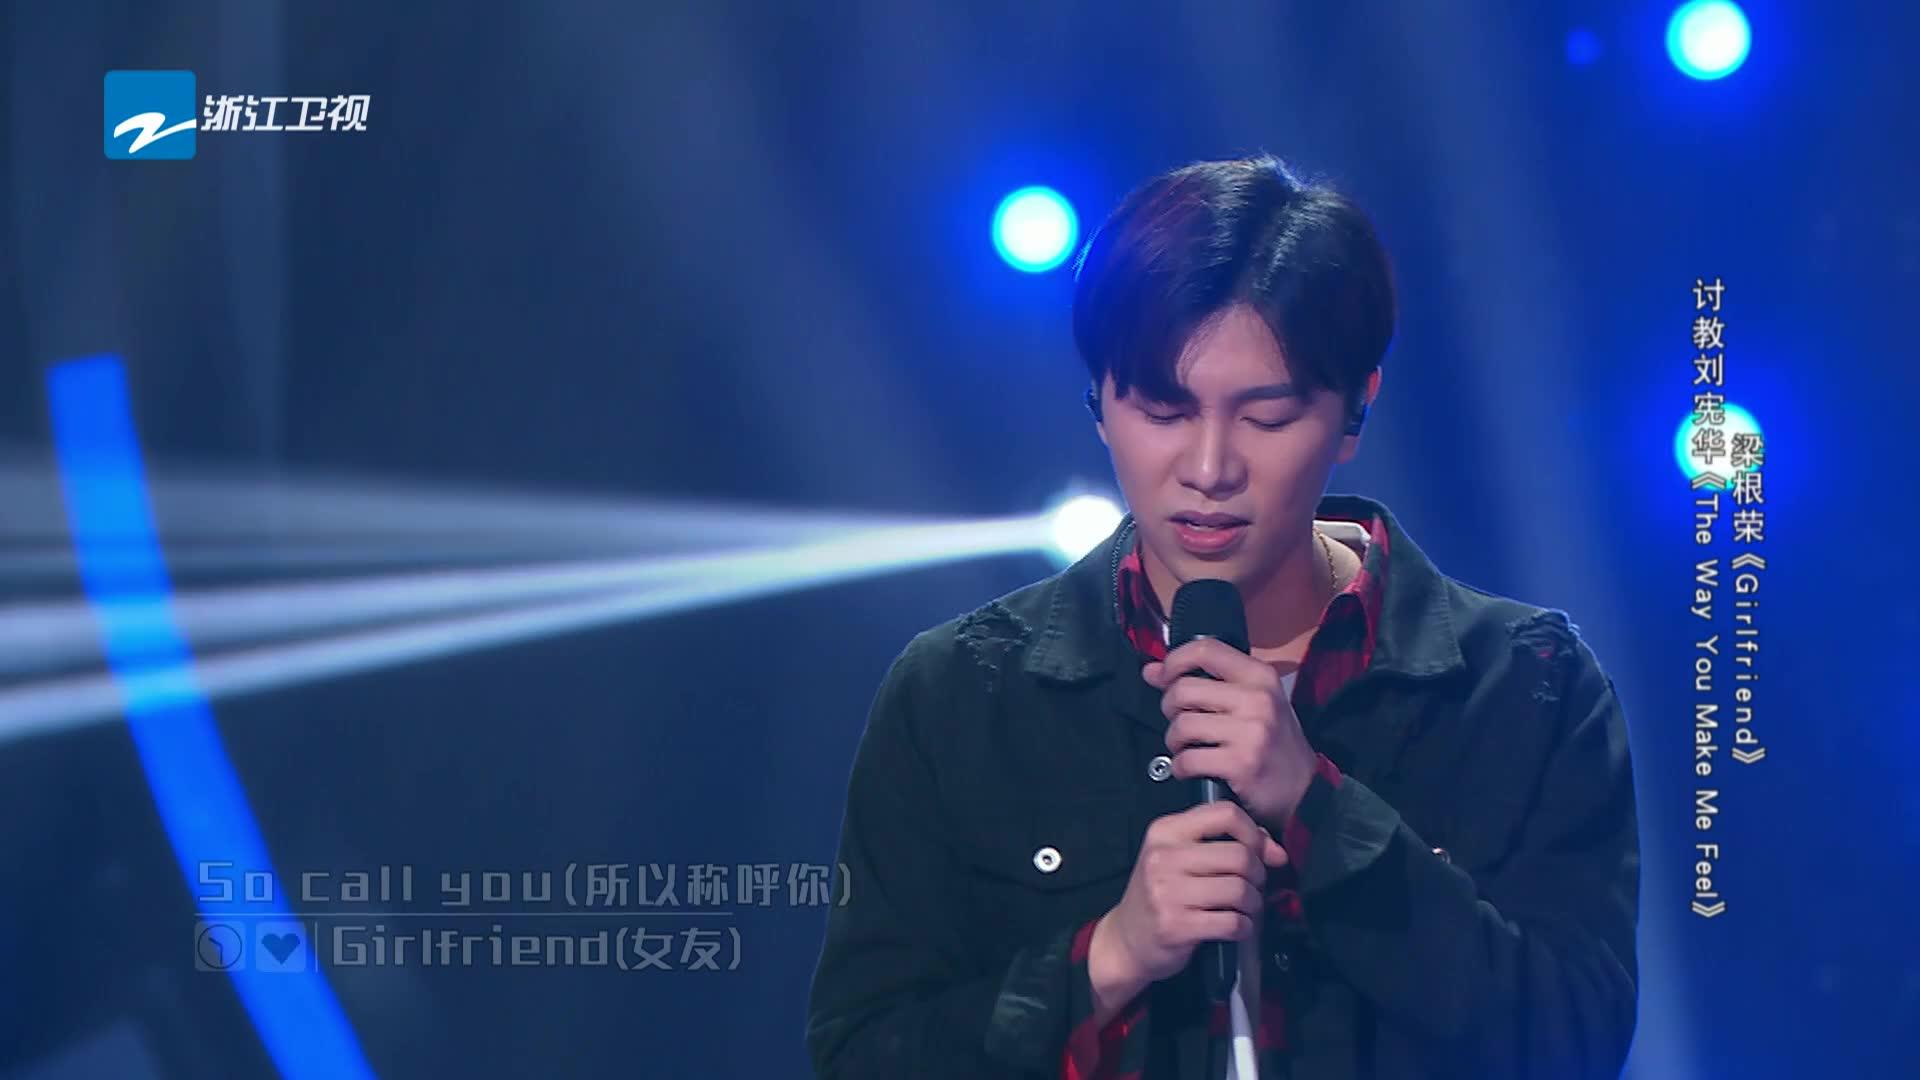 乐评:梁根荣性感唱腔 林俊杰表示听不够-梦想的声音2图片